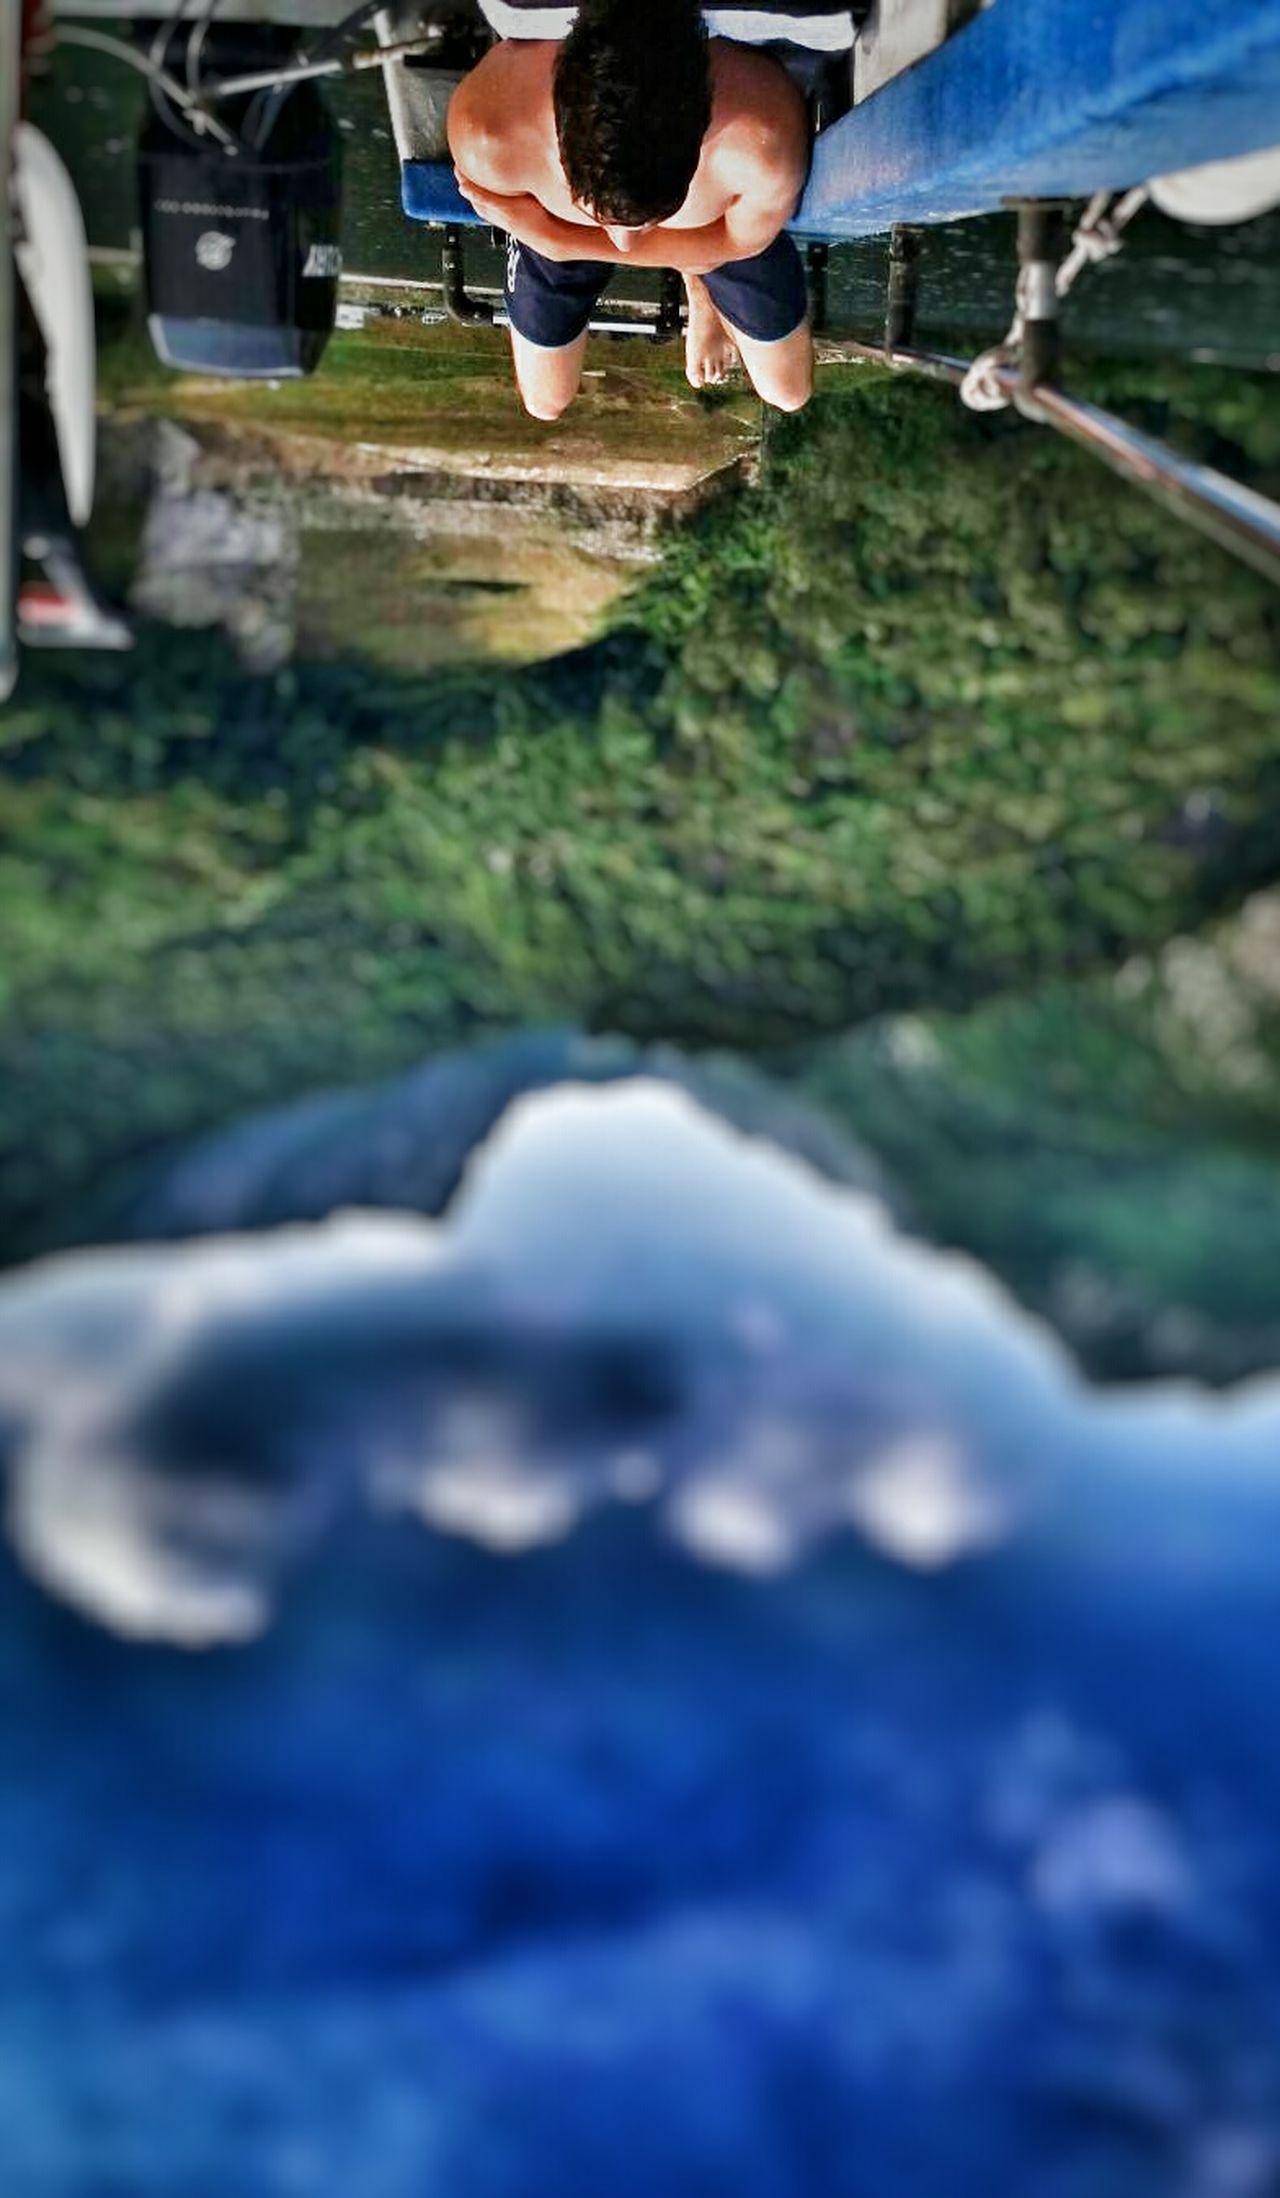 The OO Mission Jollo Lago Di Como Lake Lago Luca Riva Lucariva Samung Galaxy S6 Barça Boat Upside Down Upsidedown